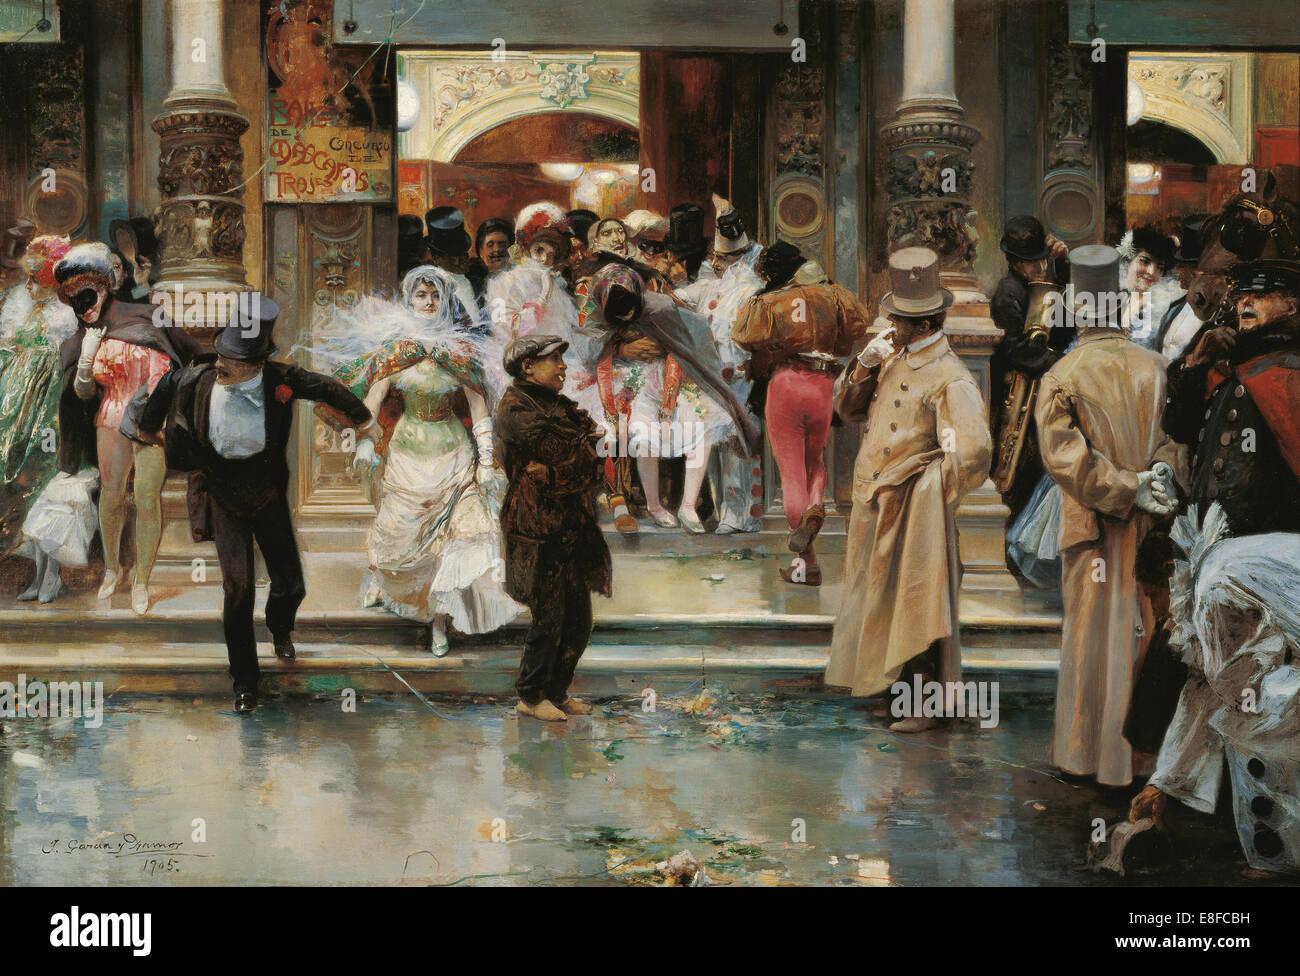 Leaving the Masqued Ball. Artist: García y Ramos, José (1852-1912) - Stock Image